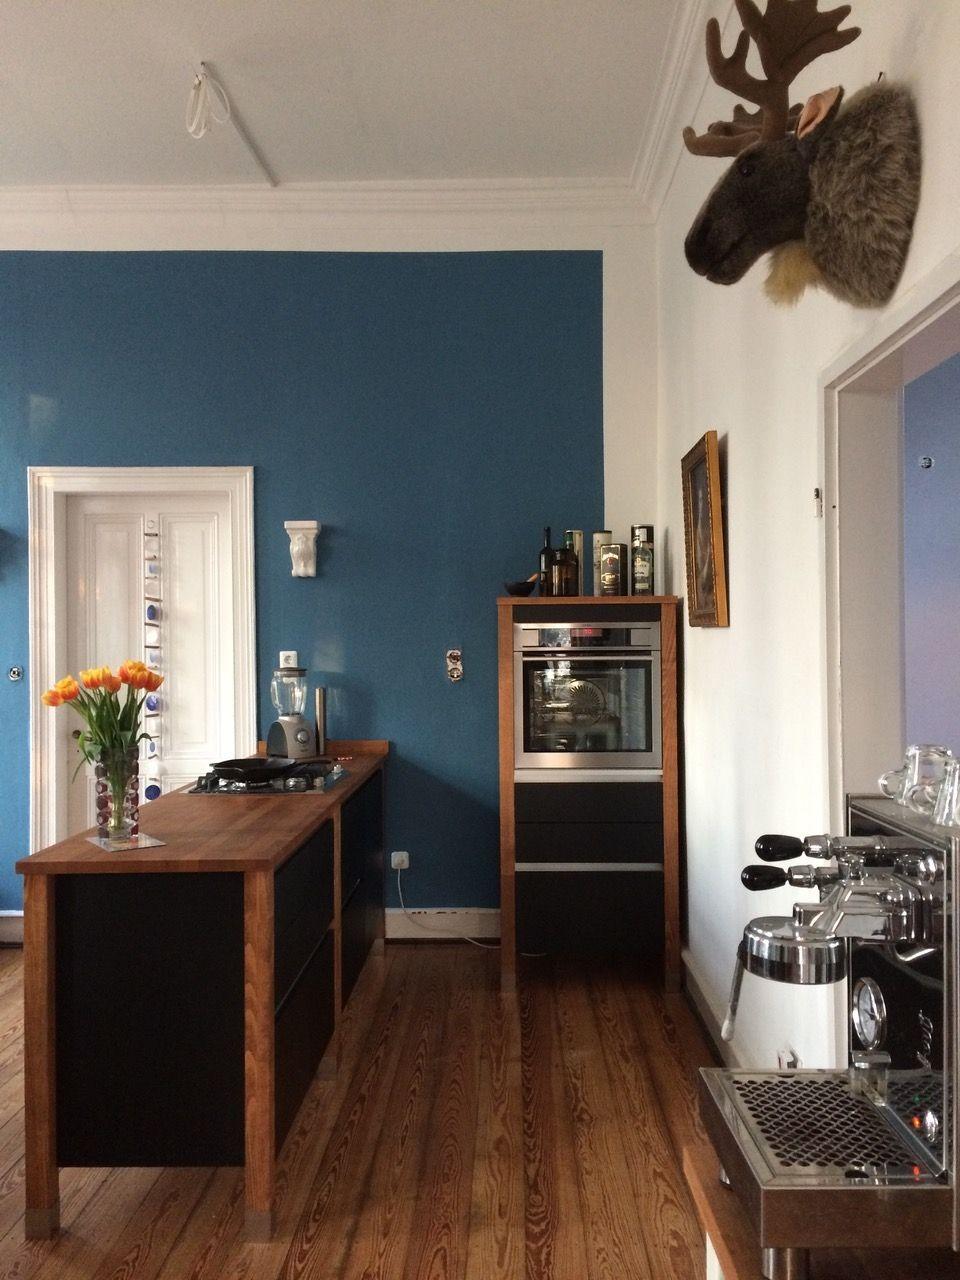 Full Size of Zuhause Bei Kunden Modulkchen Bloc Modulkche Online Kaufen Wohnzimmer Modulküchen